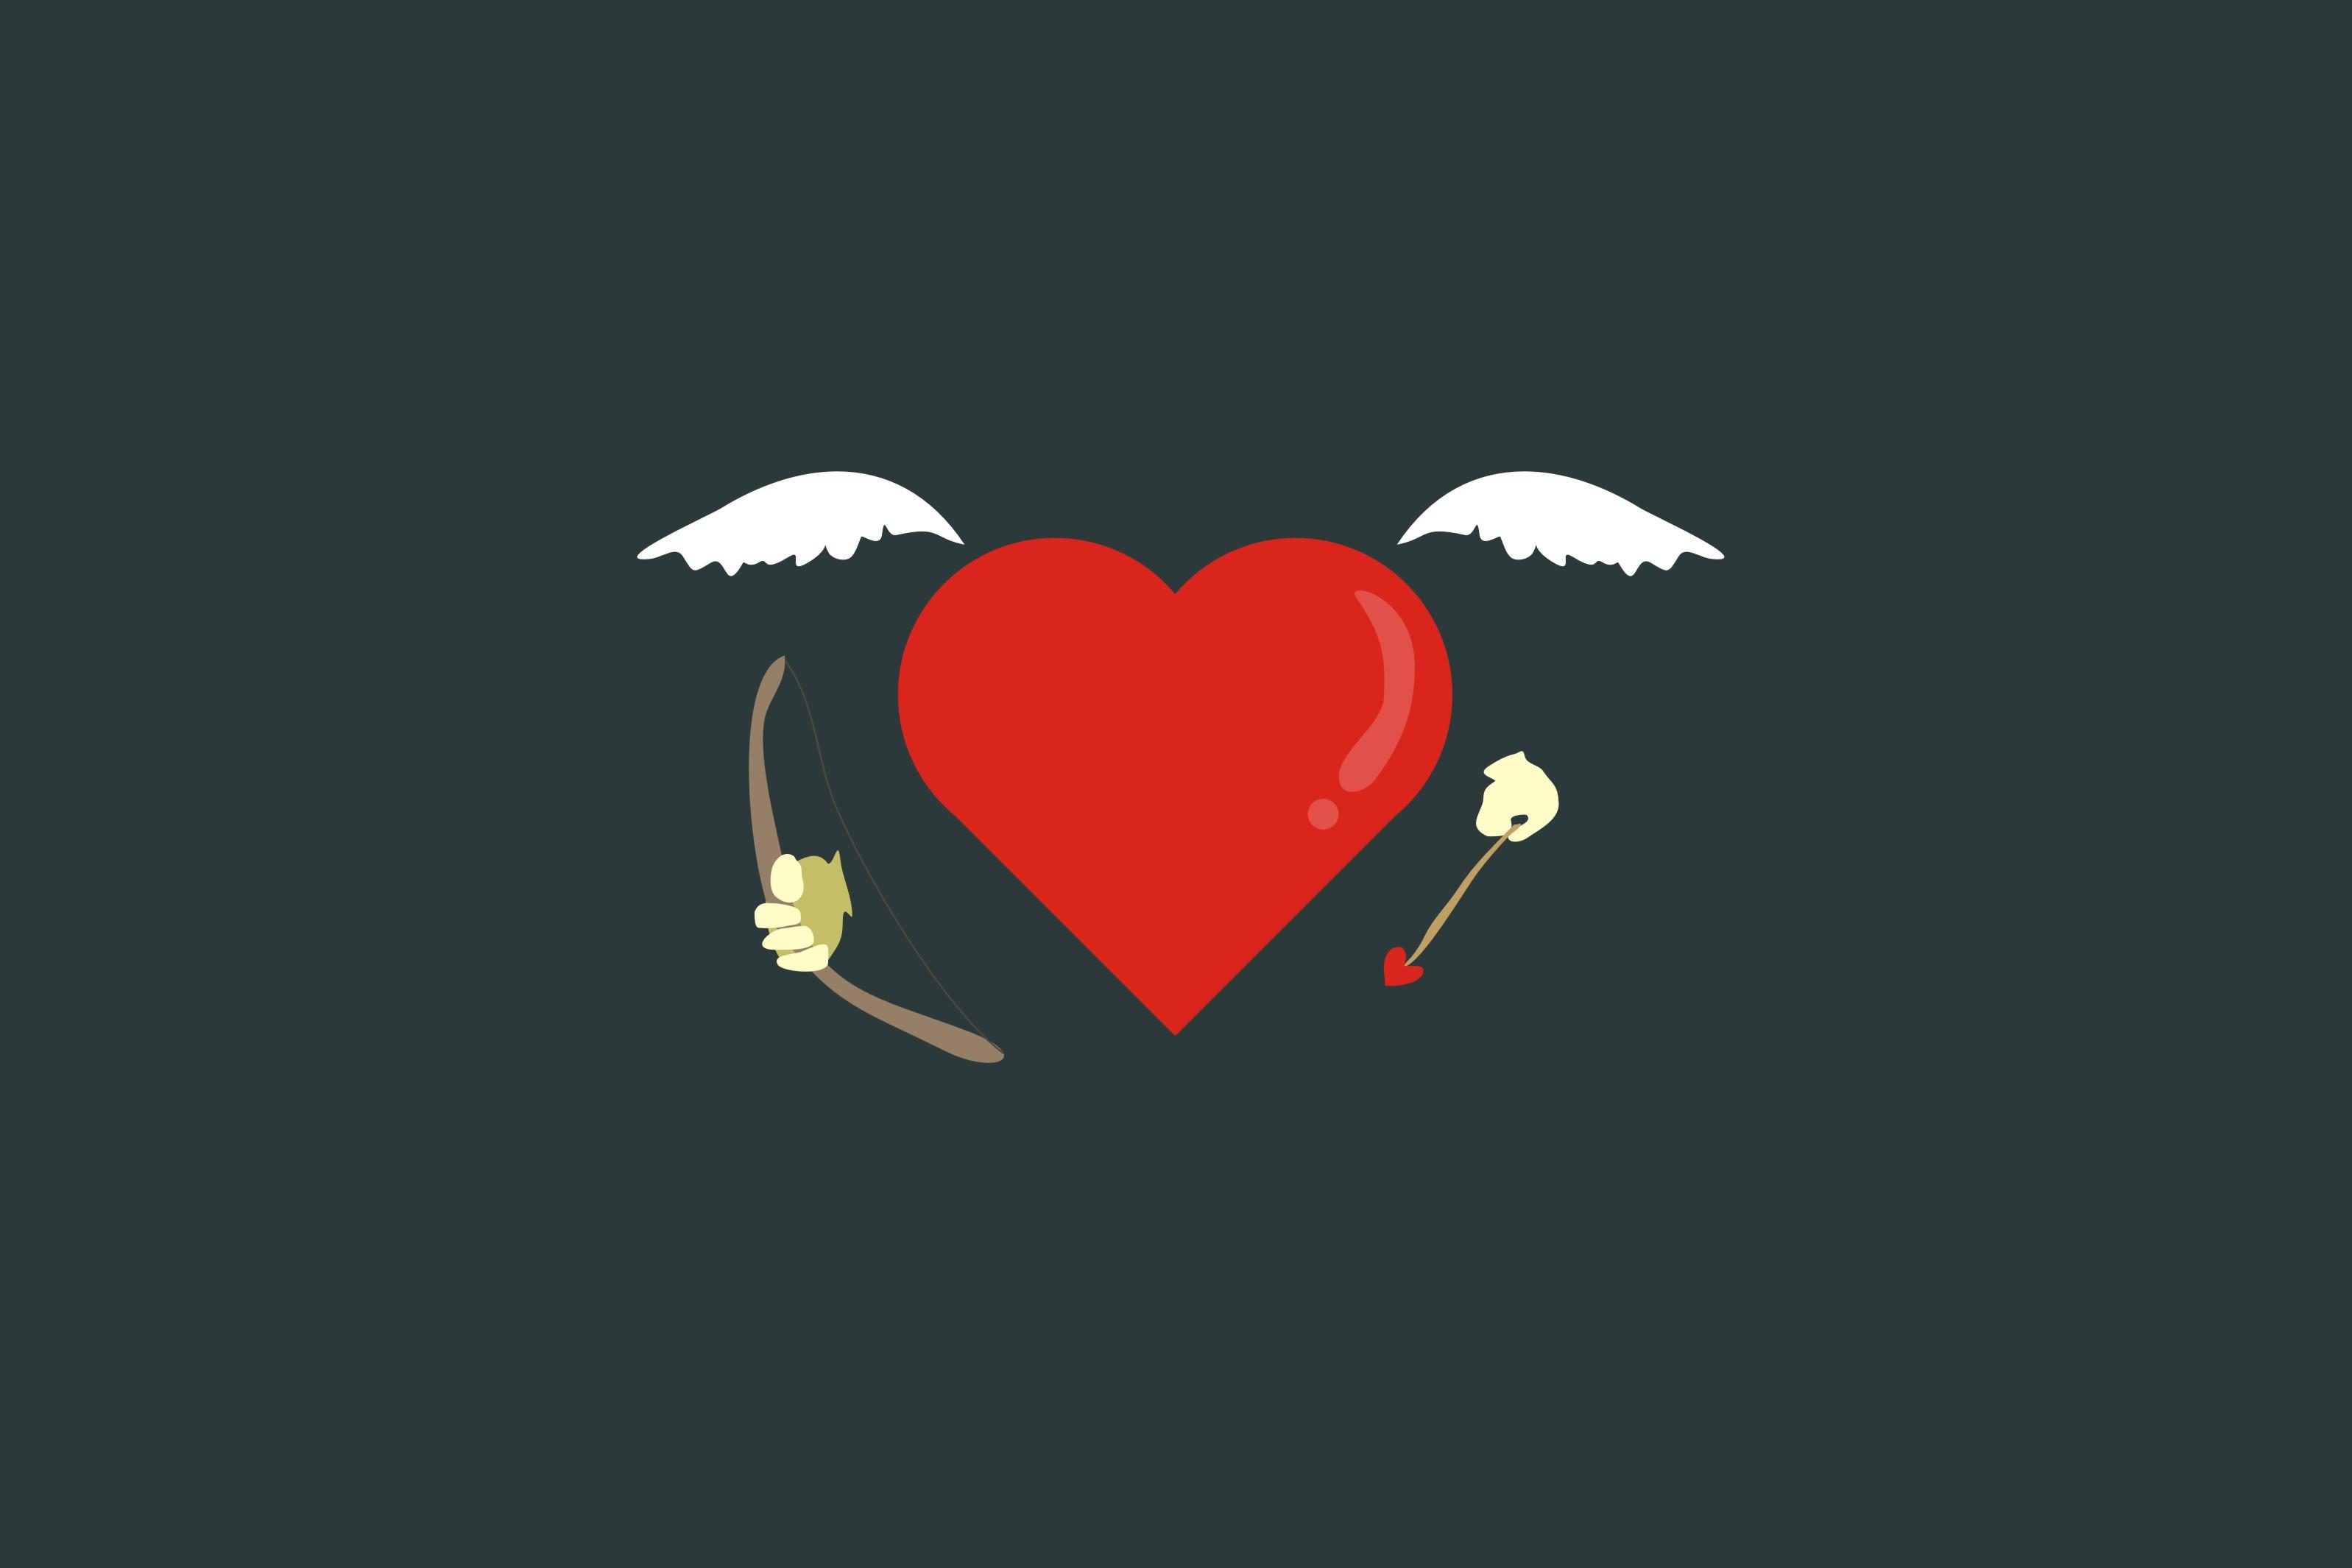 Ini alasan kenapa cinta selalu dilambangkan dengan bentuk hati